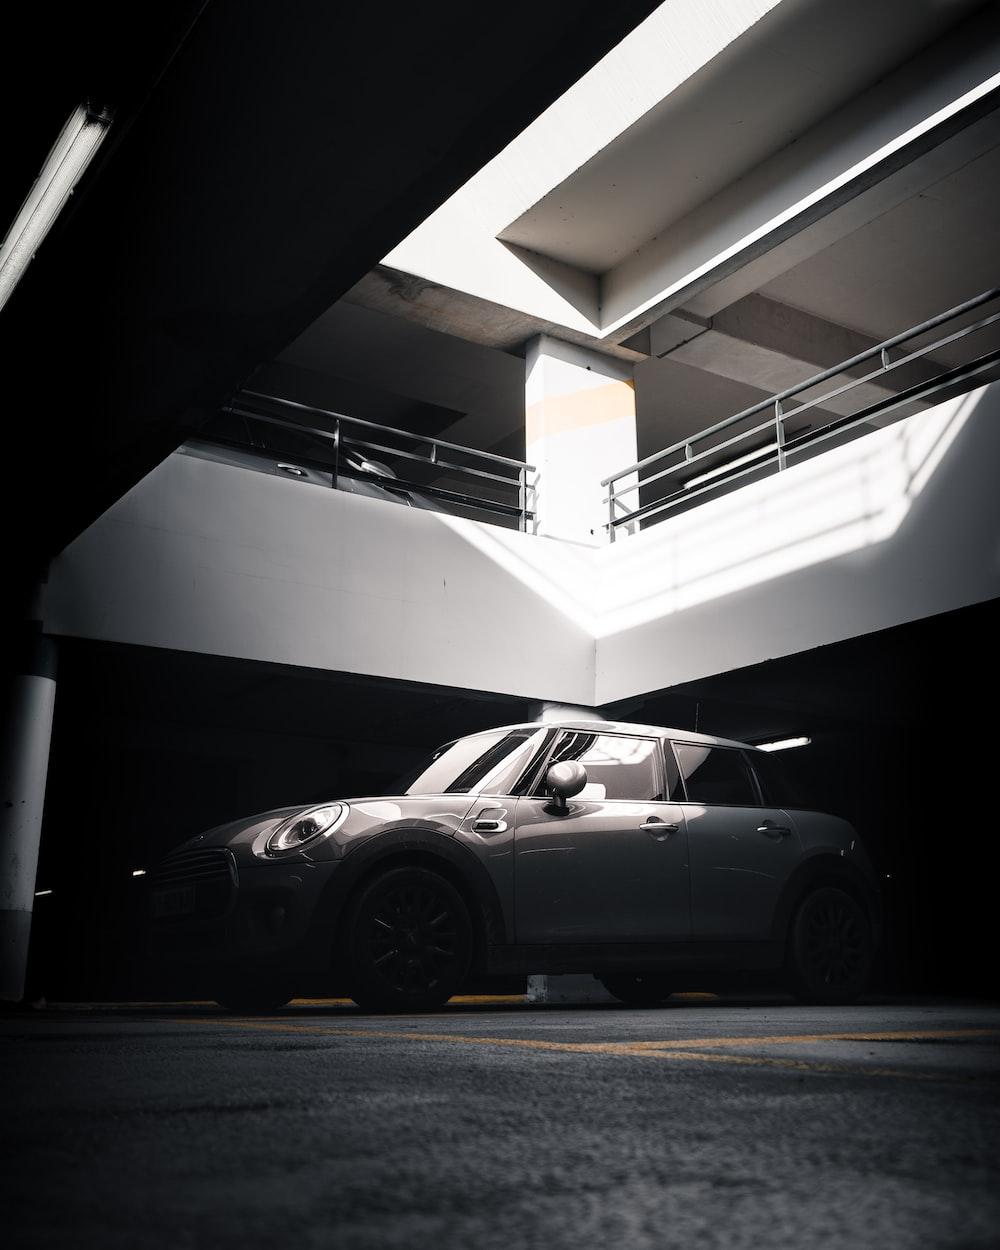 gray 5-door hatchback